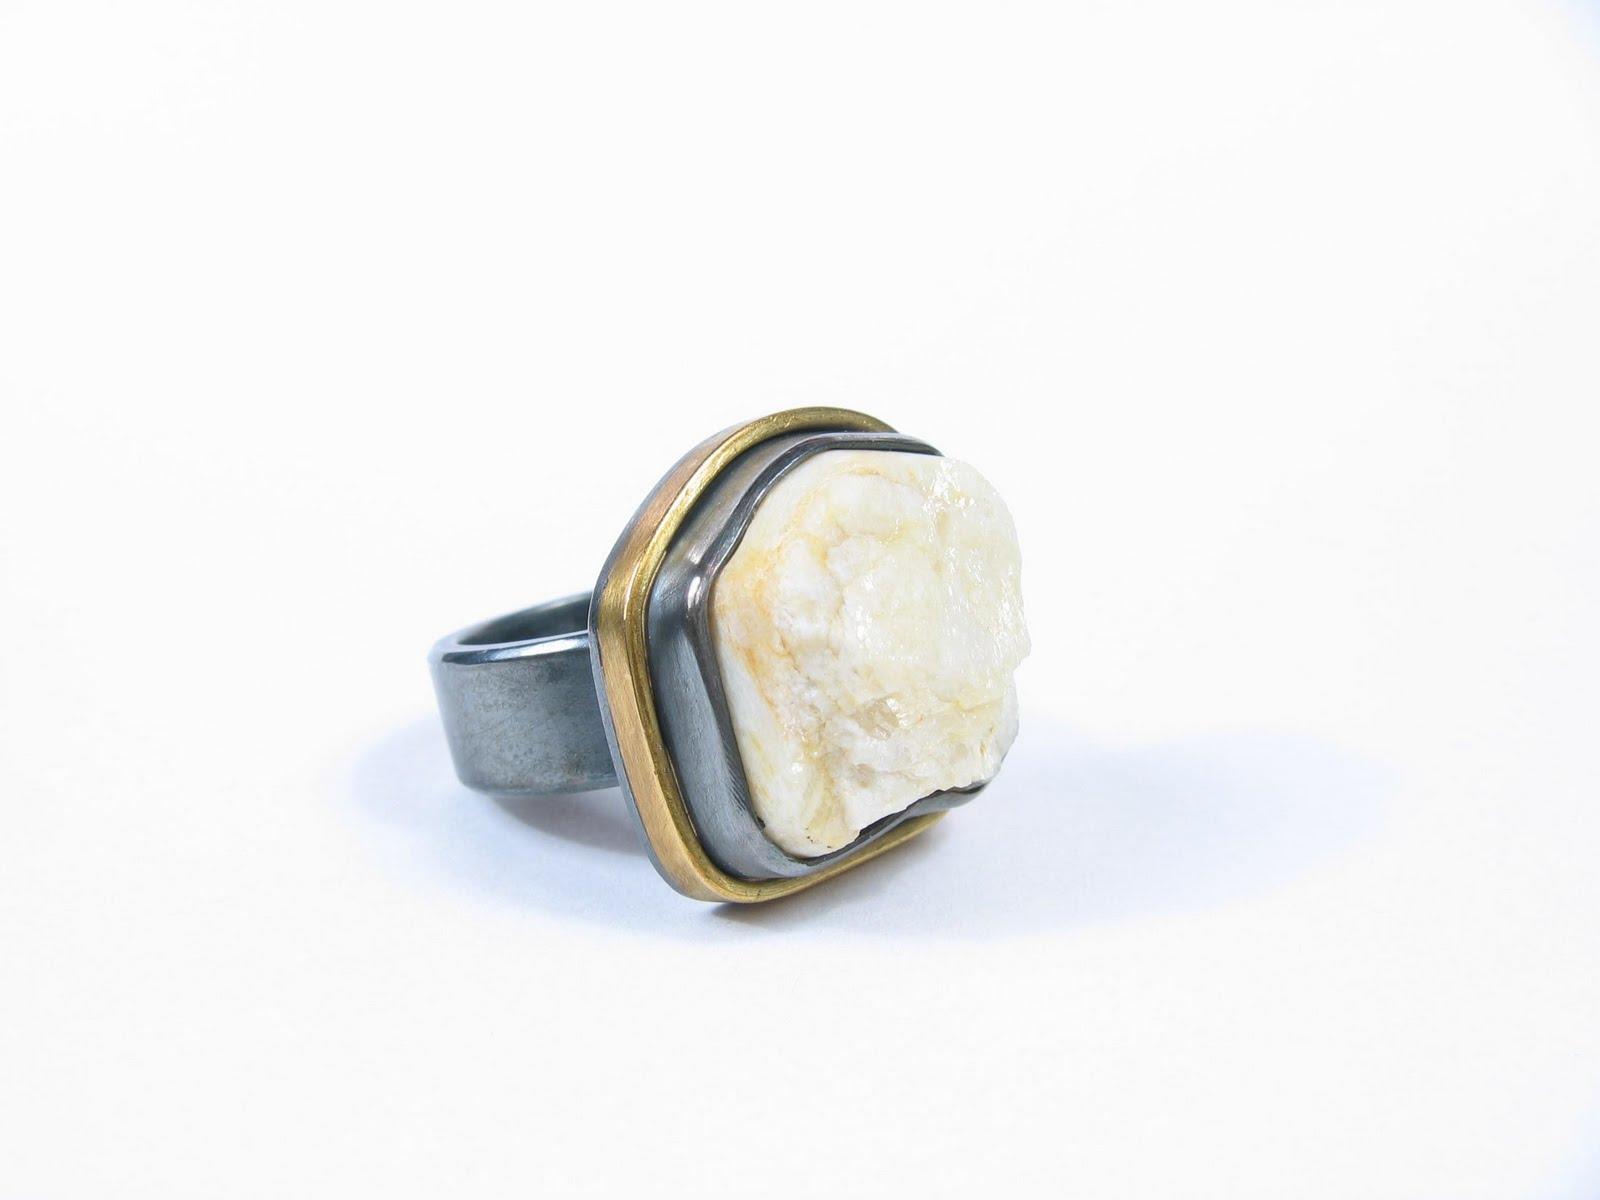 [L.+Rosenberg+Himalayan+Rock+Wedding+Ring]